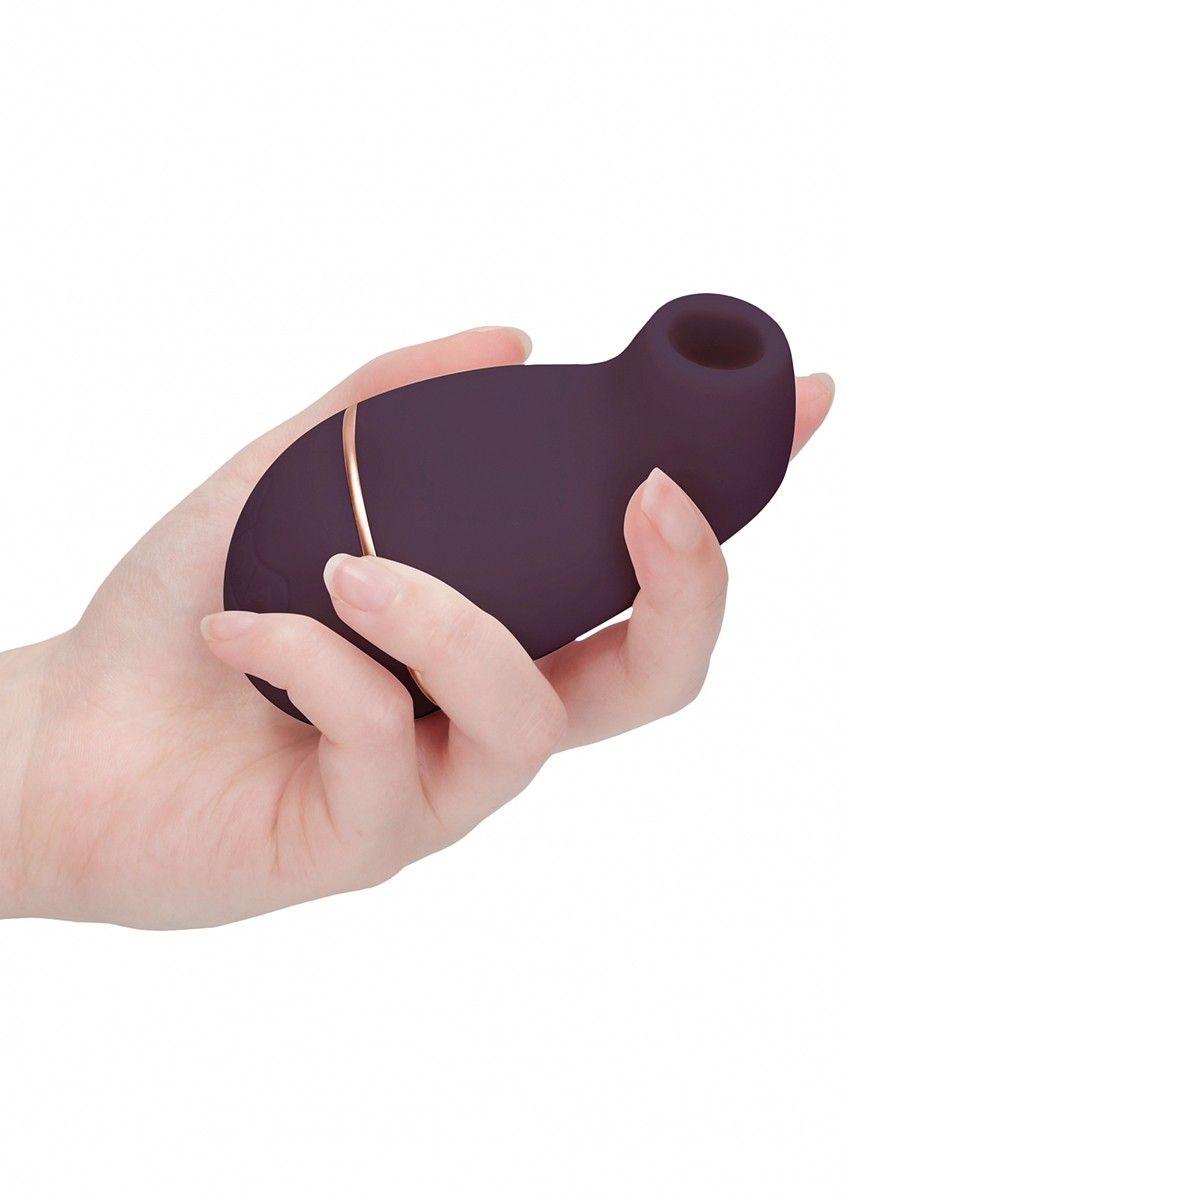 Фиолетовый клиторальный вакуум-волновой массажер Irresistible Kissable - фото 179806